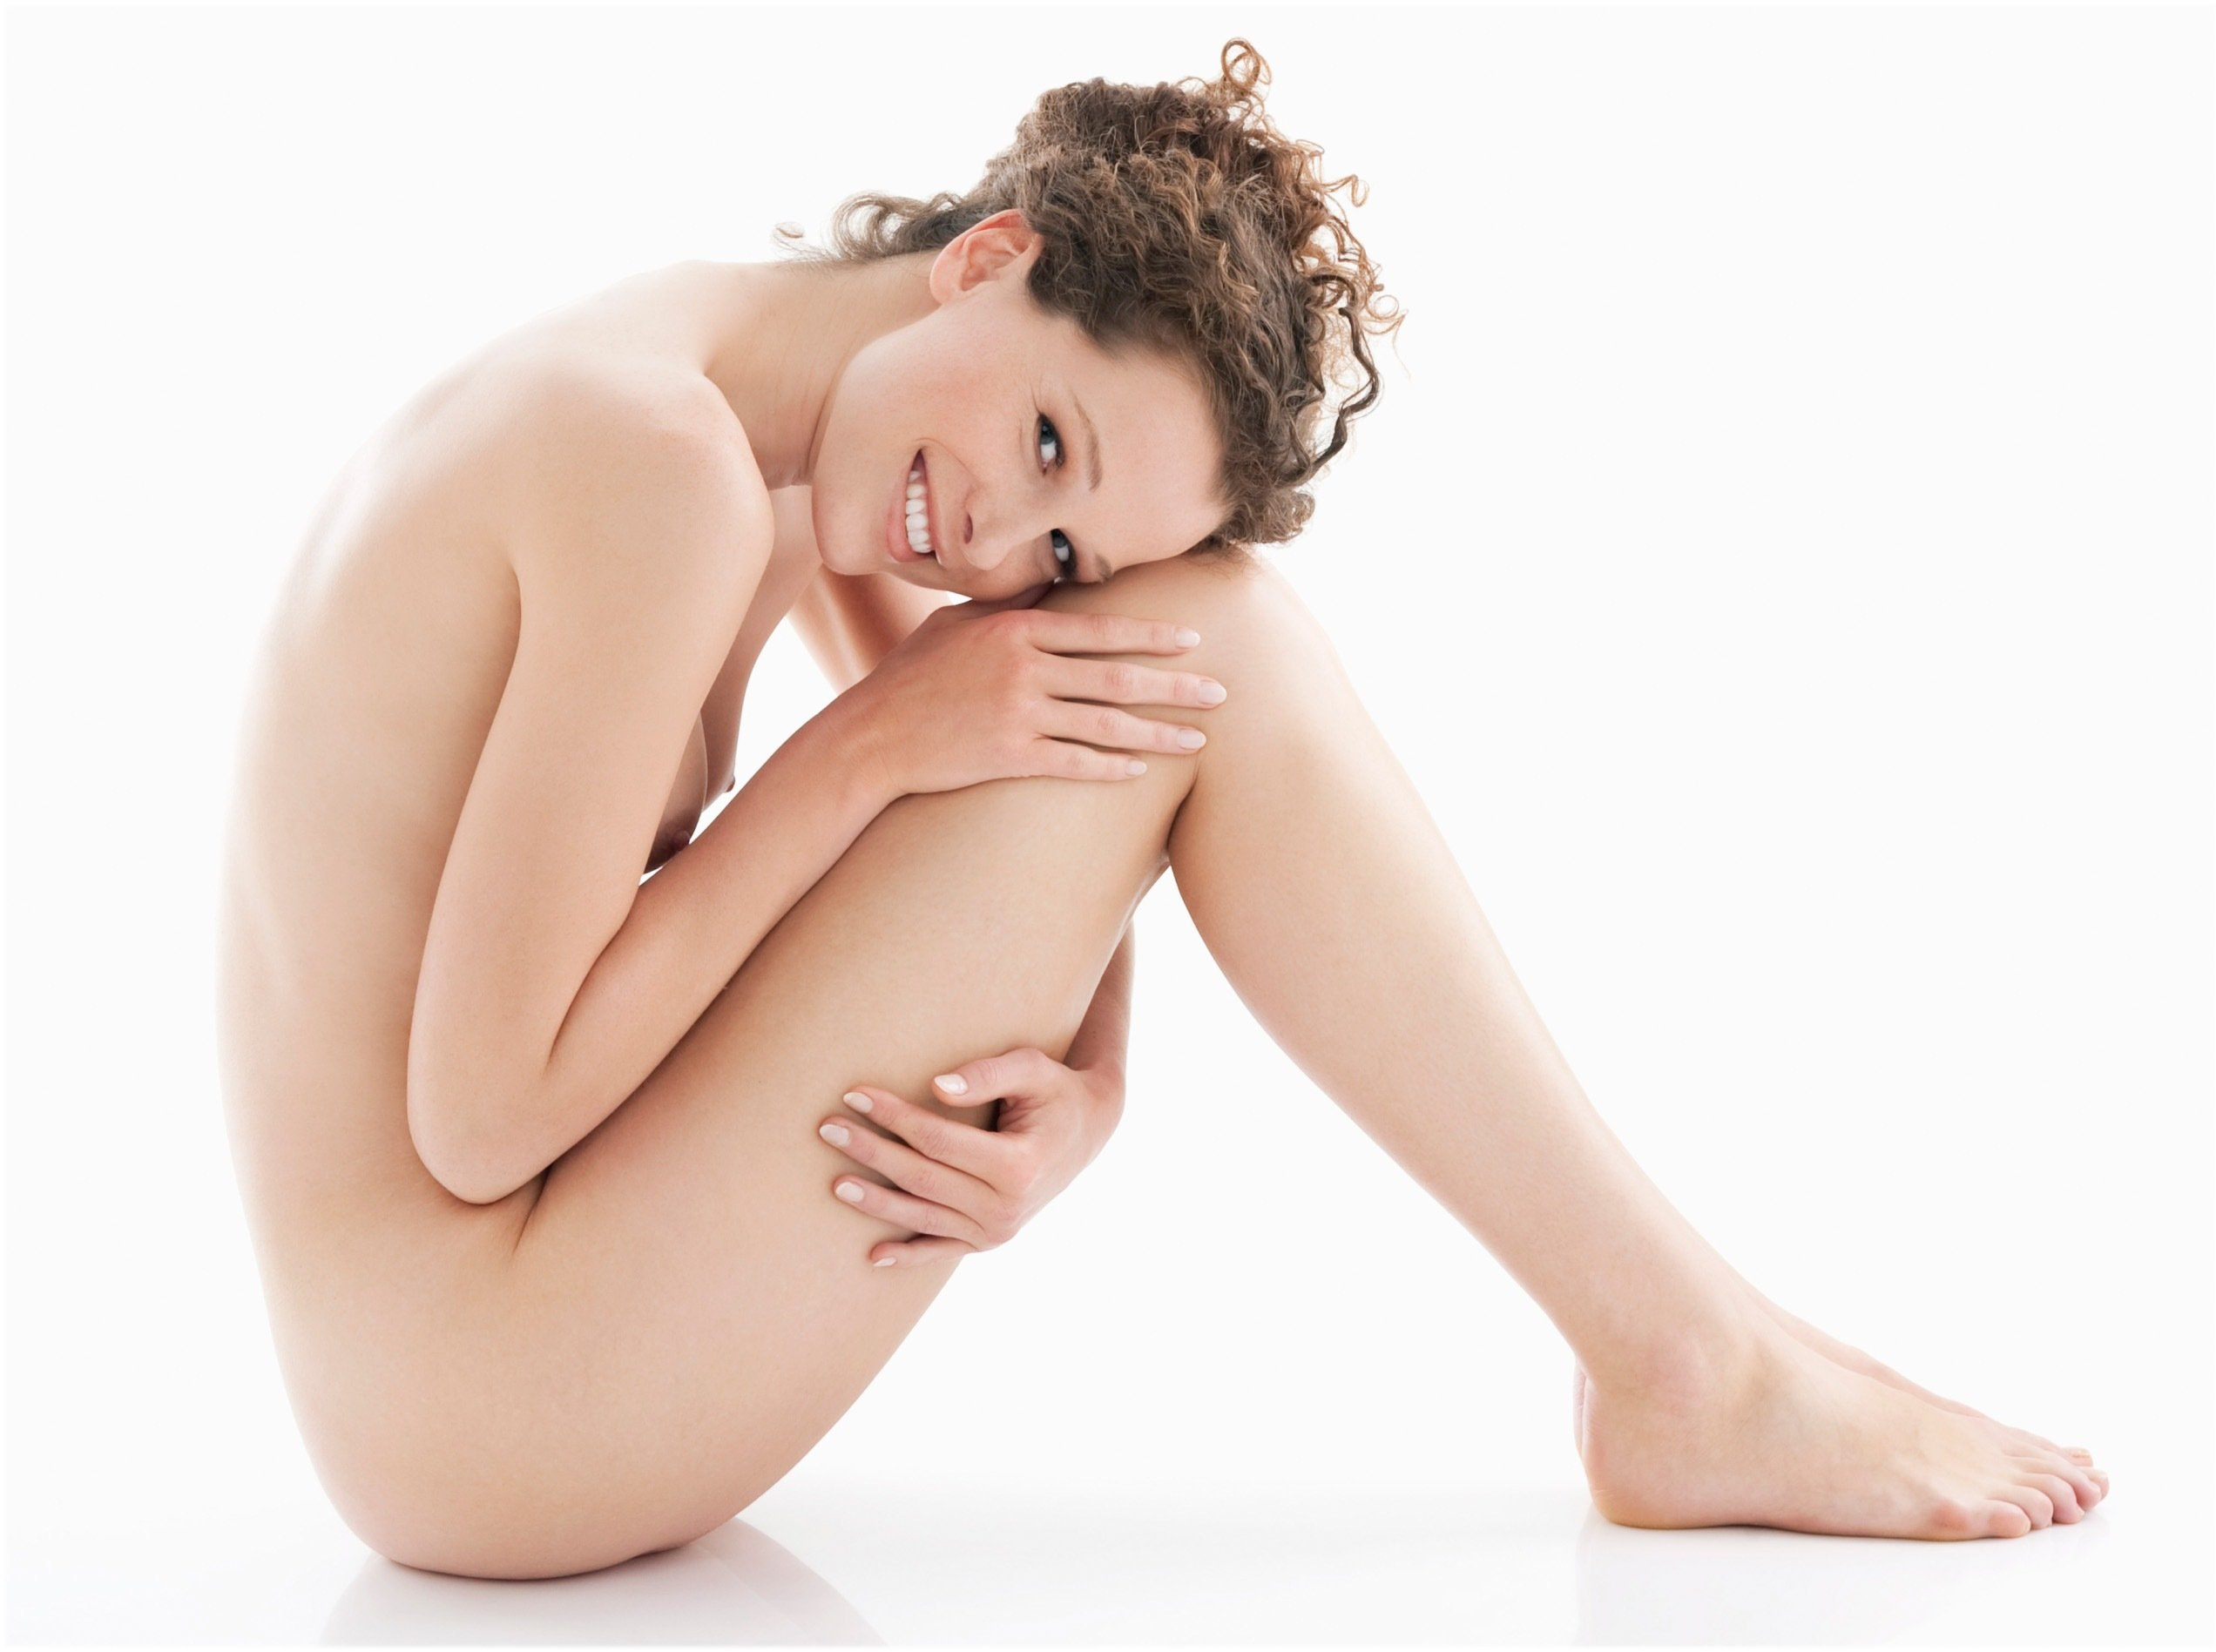 hvad er bdsm kvinder med naturlig behåring